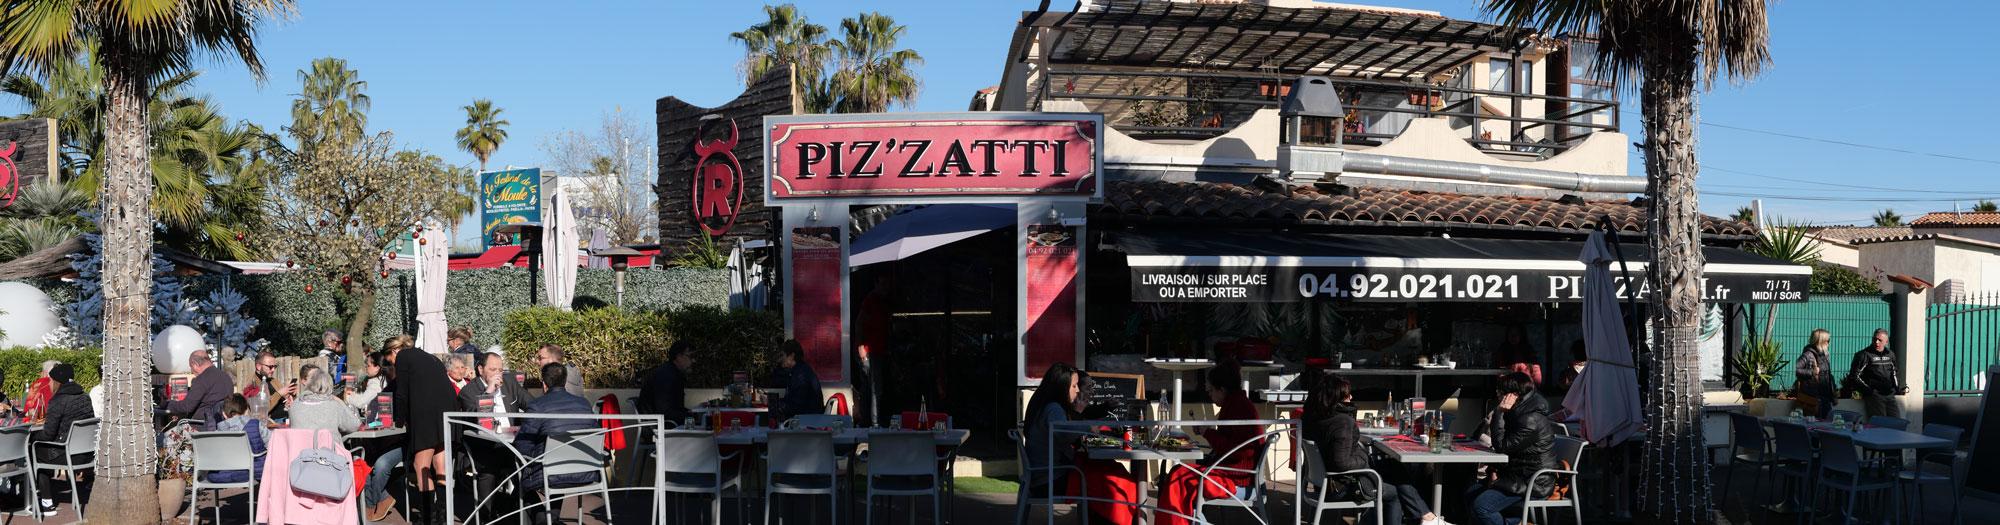 pizzatti-pizzeria